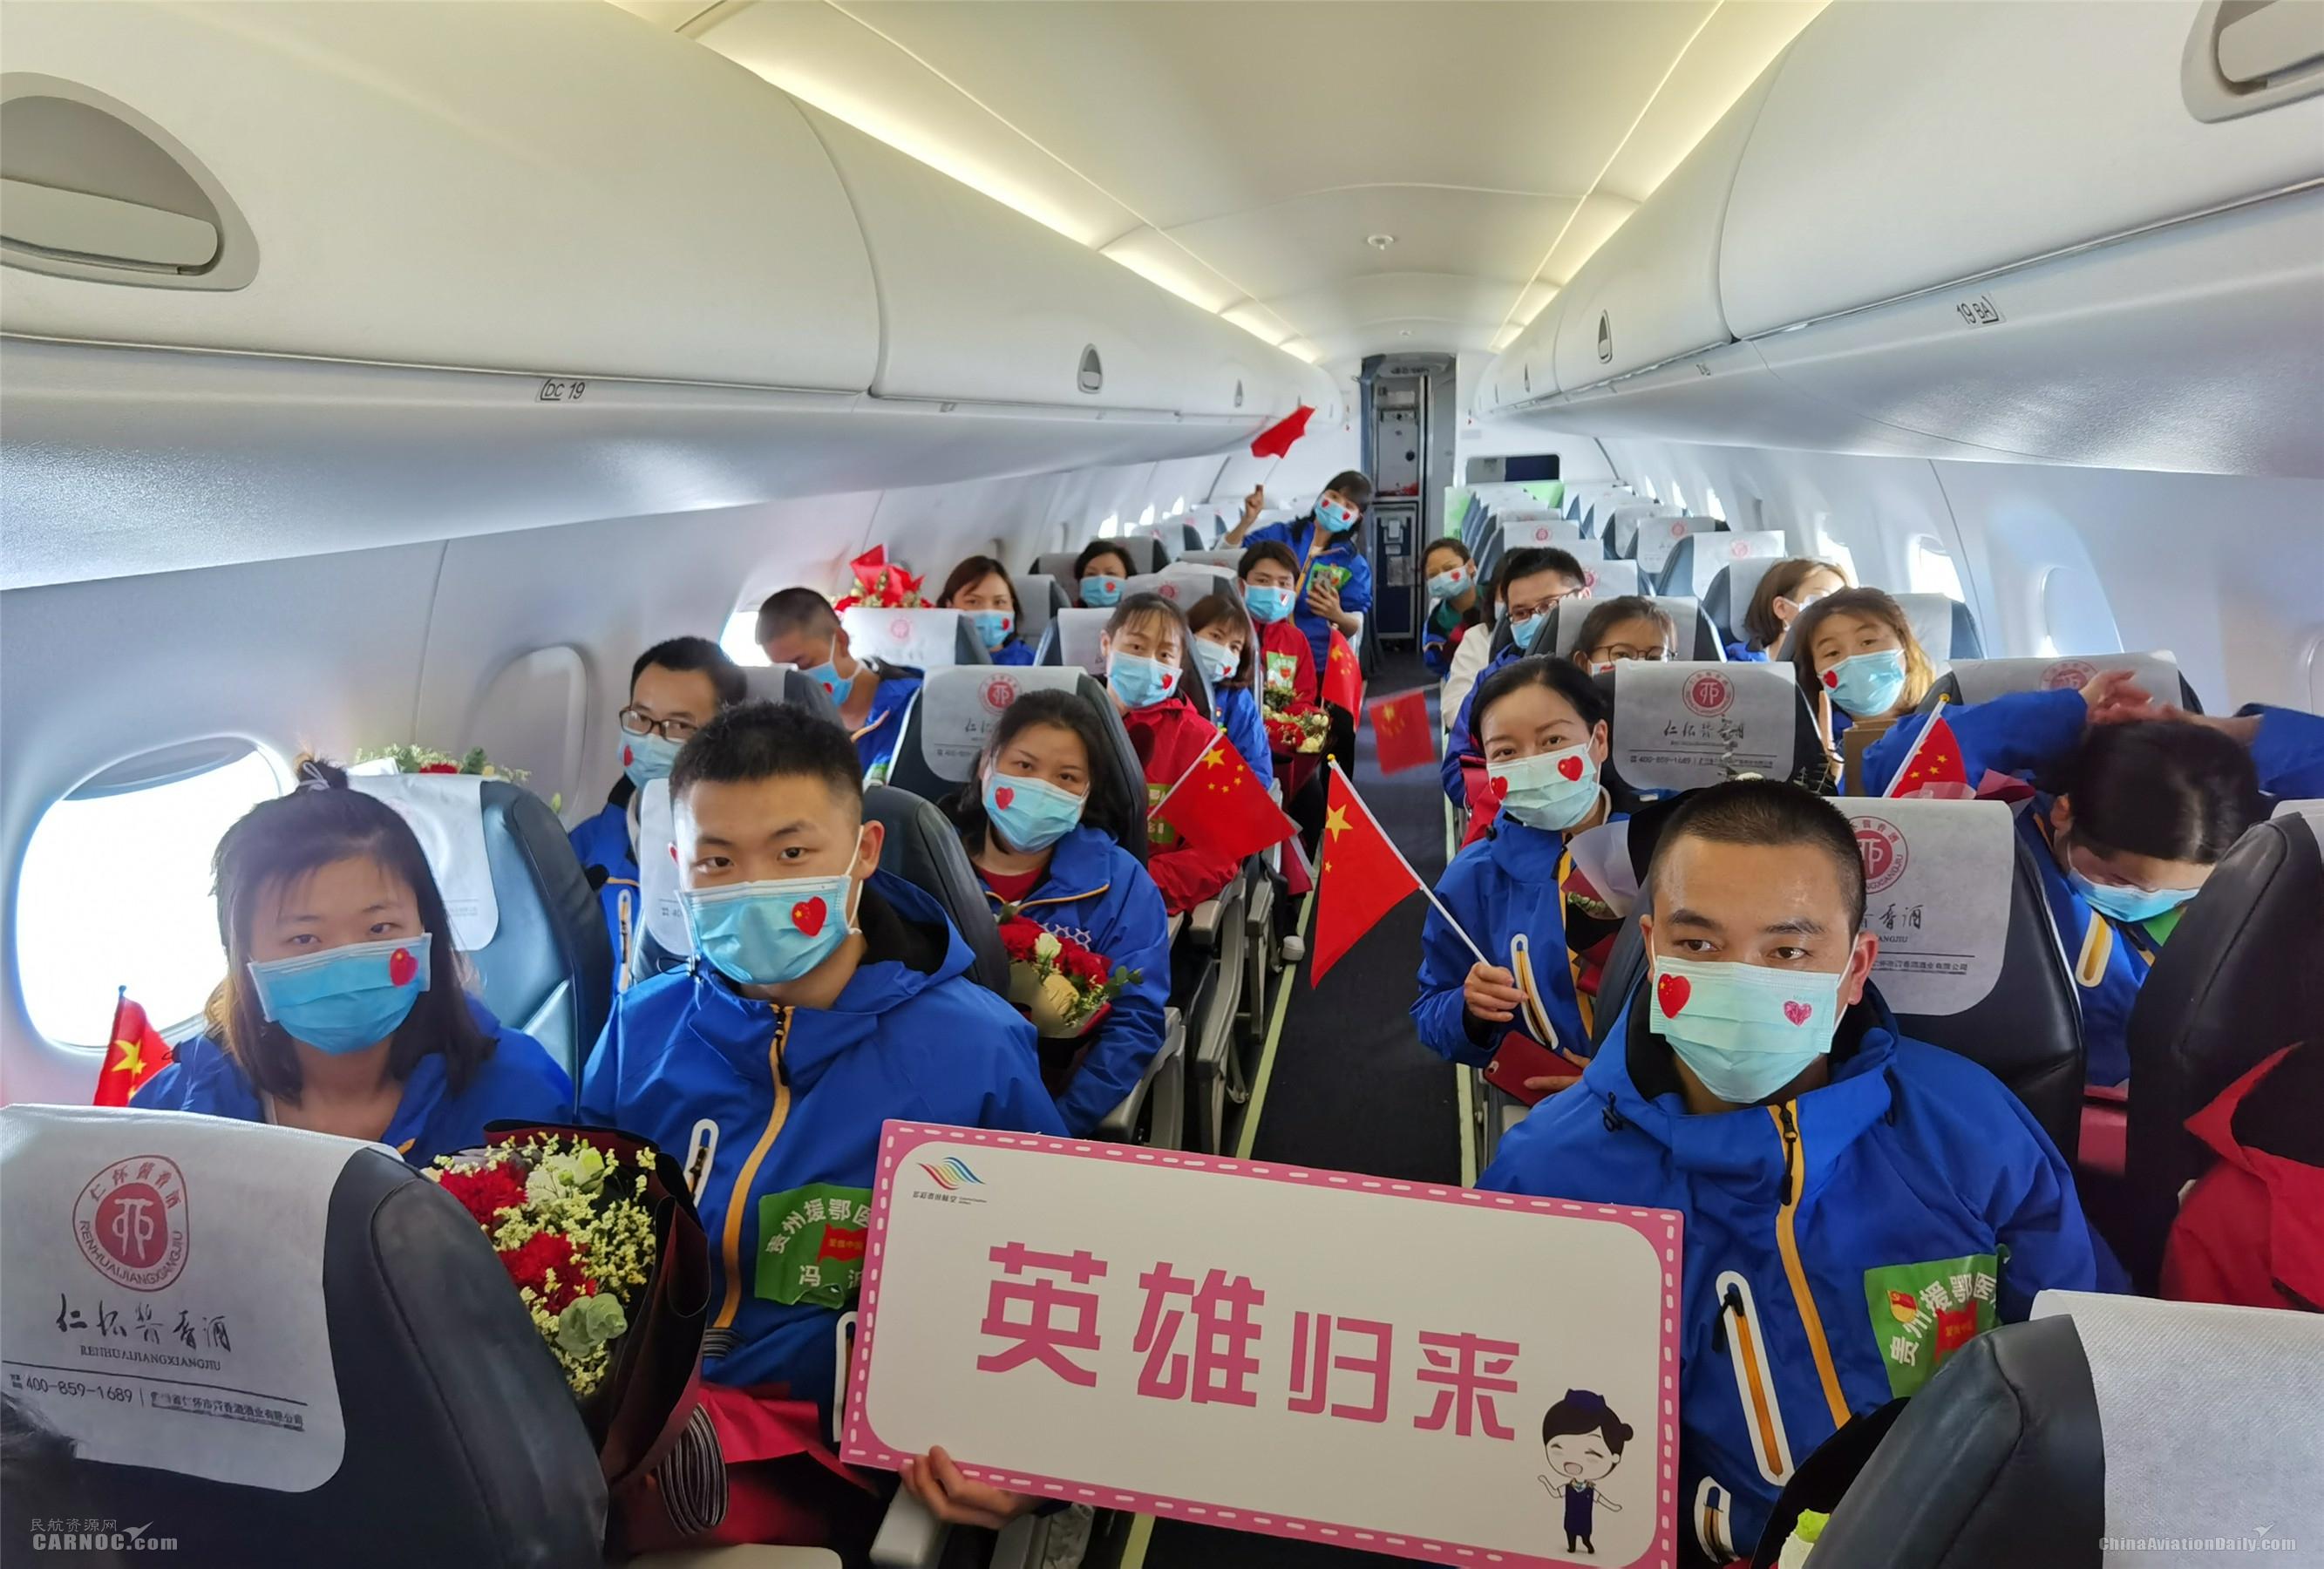 多彩贵州航空供图